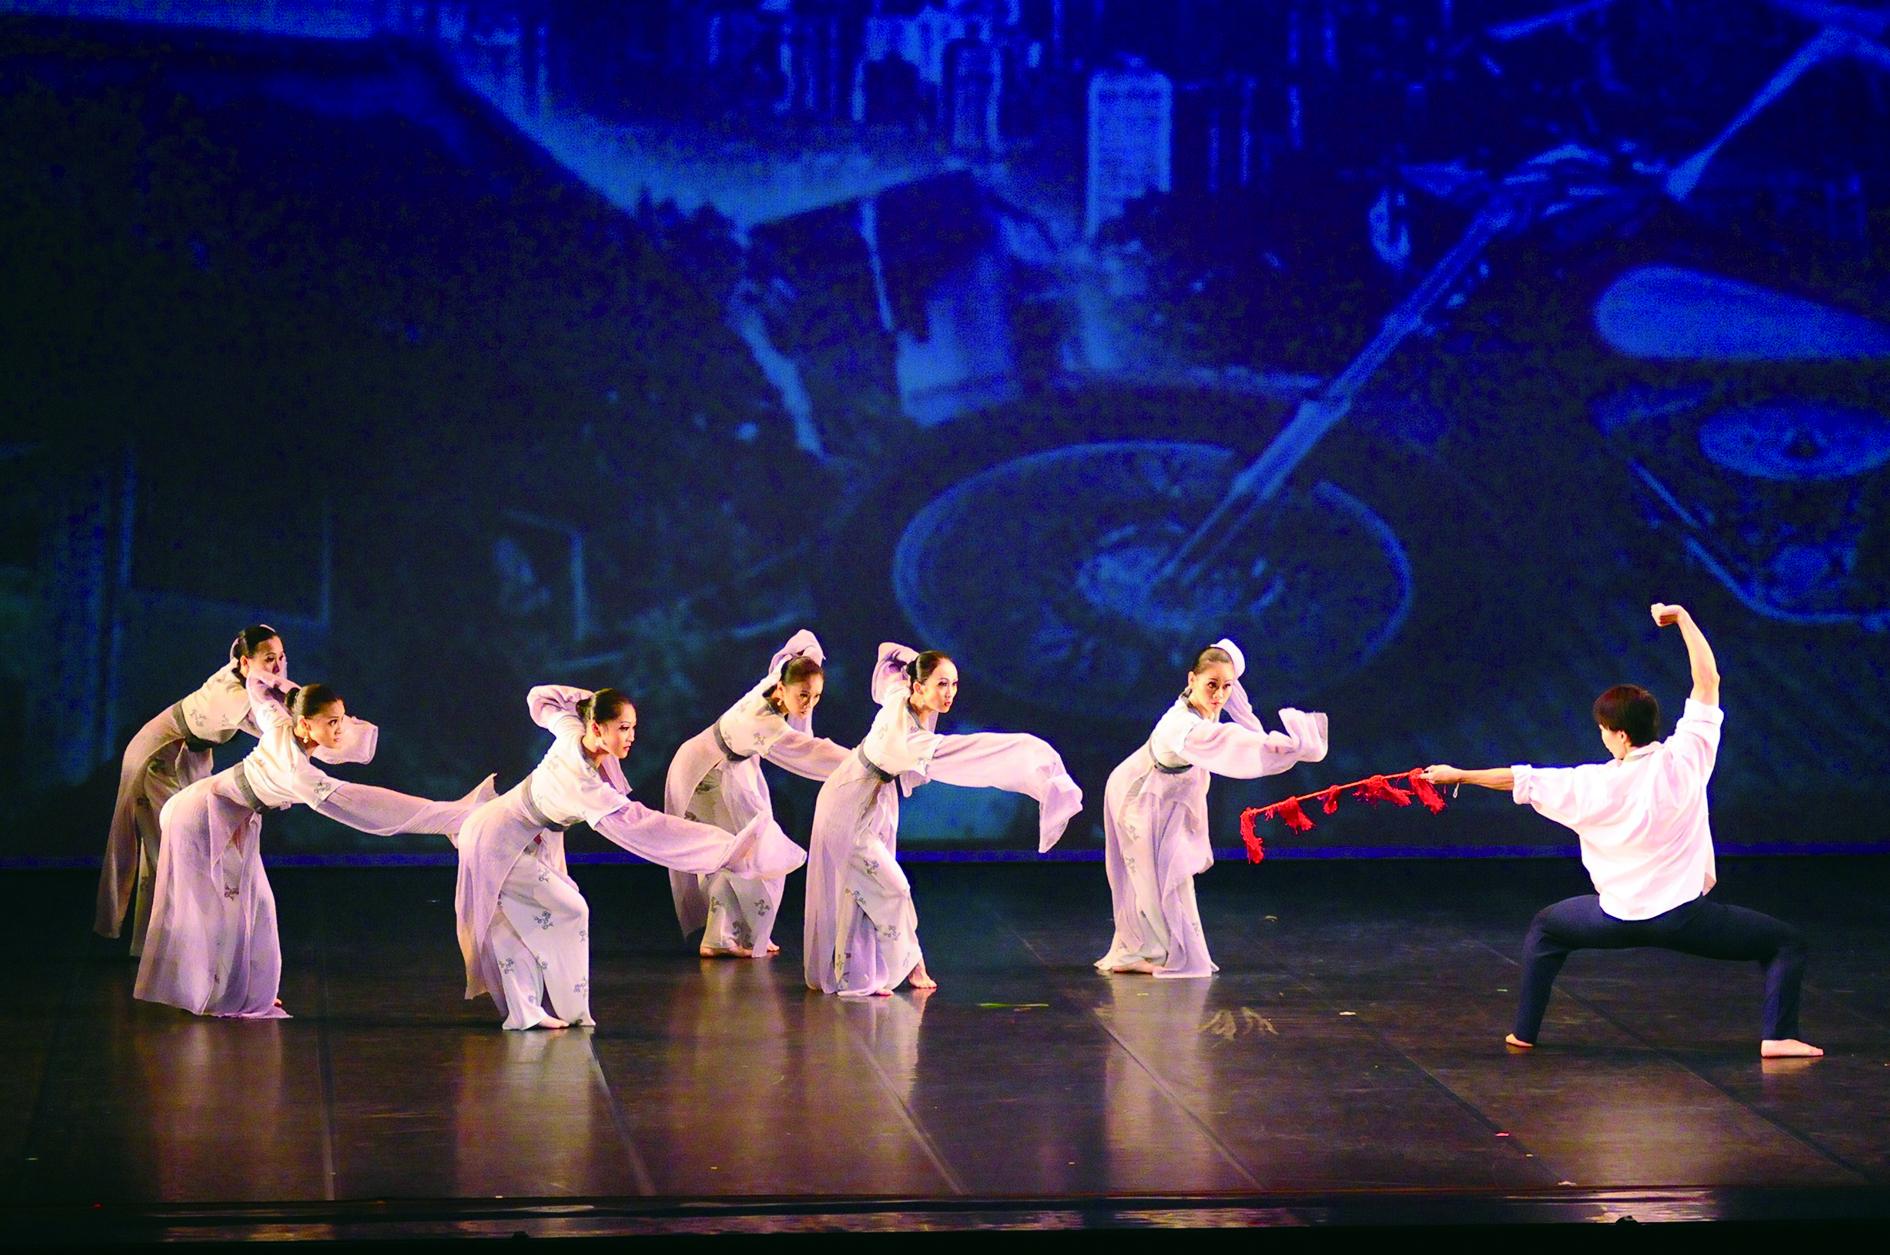 草創於1988 年的台北民族舞團,從各地民俗舞蹈探索,延伸到宗教舞蹈的研發,歐陽珊攝影。.JPG